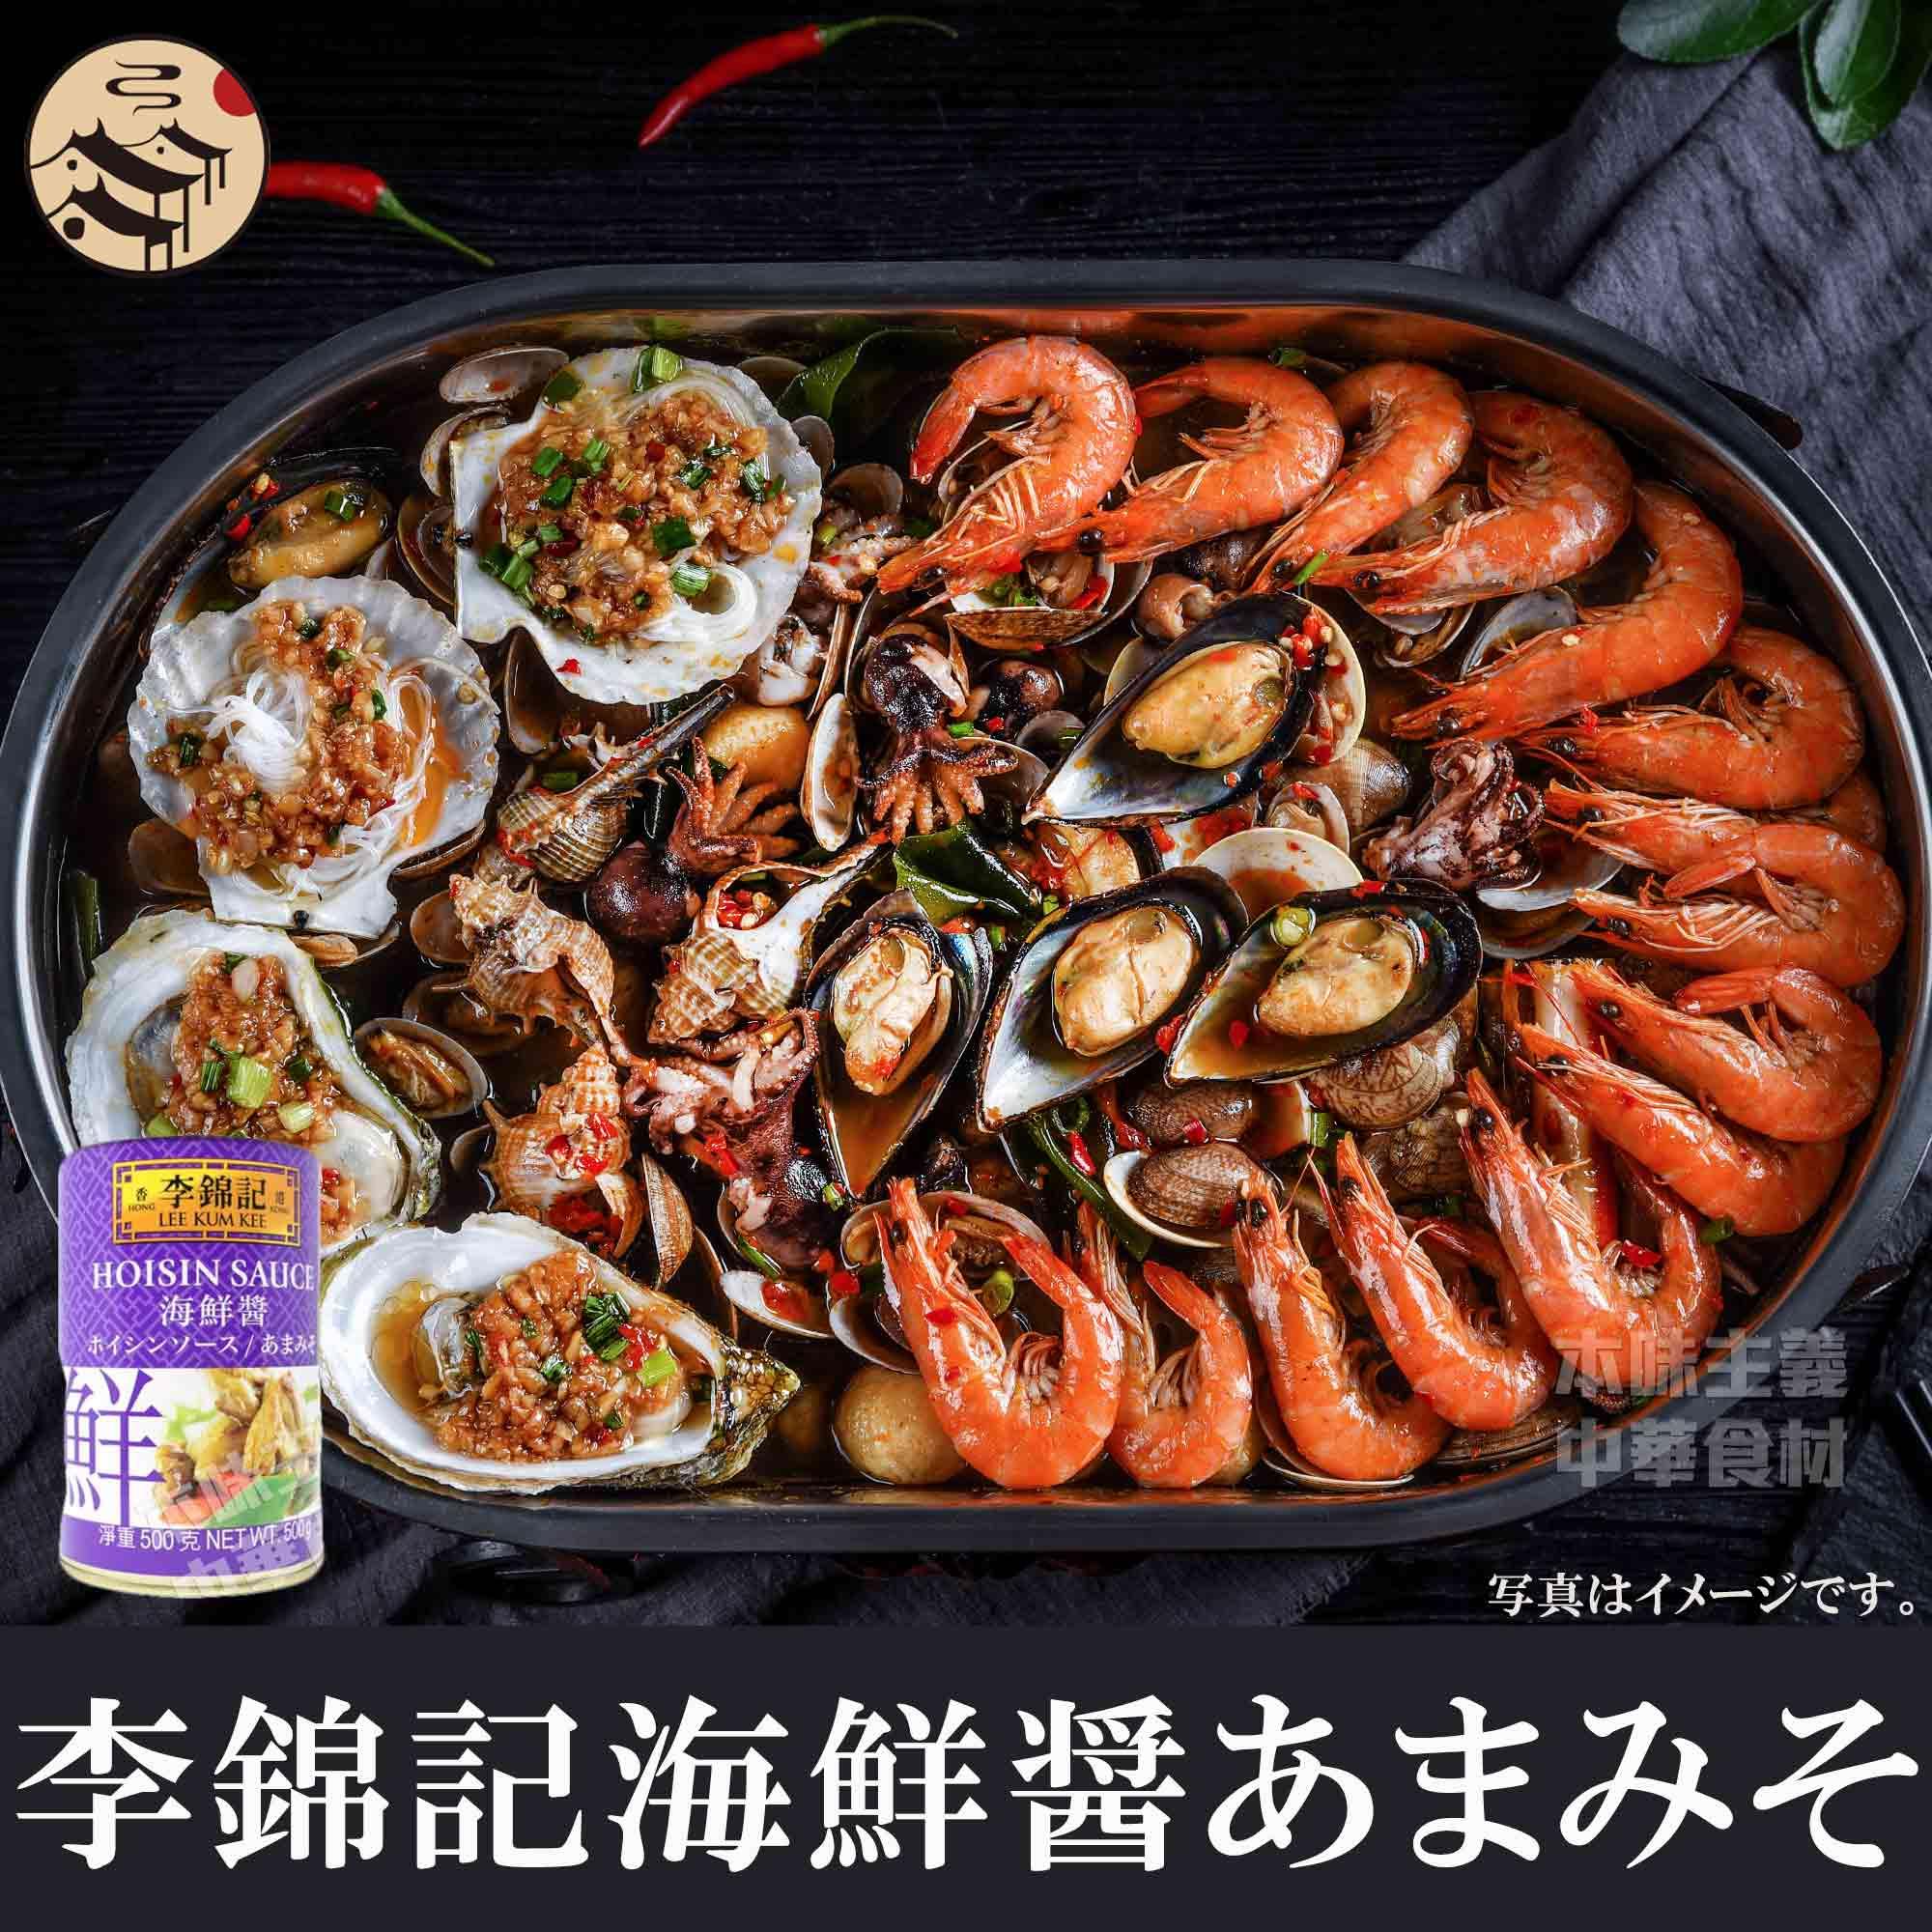 李錦記海鮮醤 正規取扱店 LKK中華調味料あまみそ 人気ブランド多数対象 500g